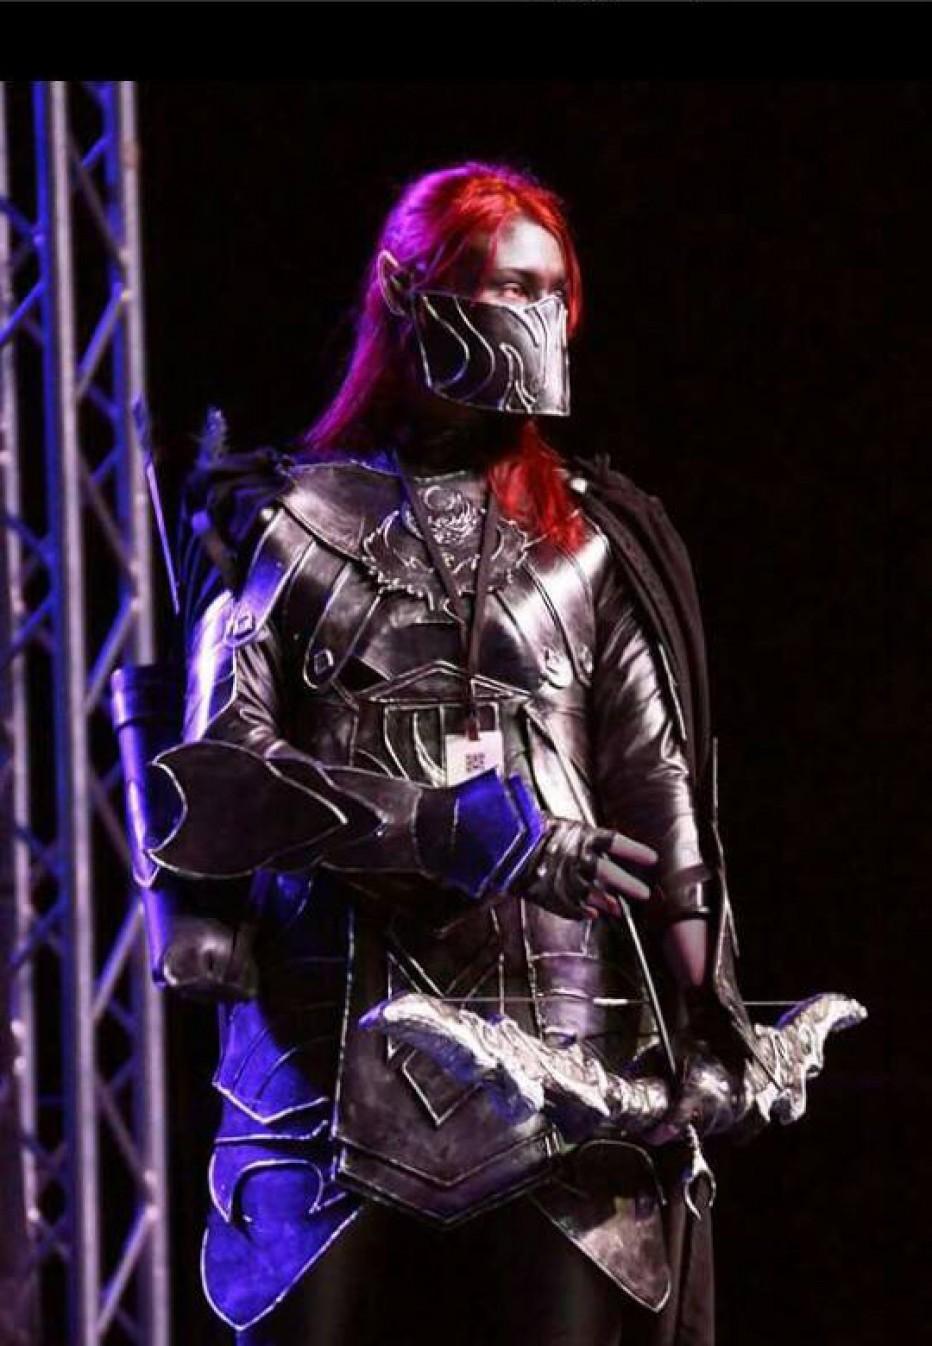 Skyrim-Nightingale-Cosplay-Gamers-Heroes-2.jpg